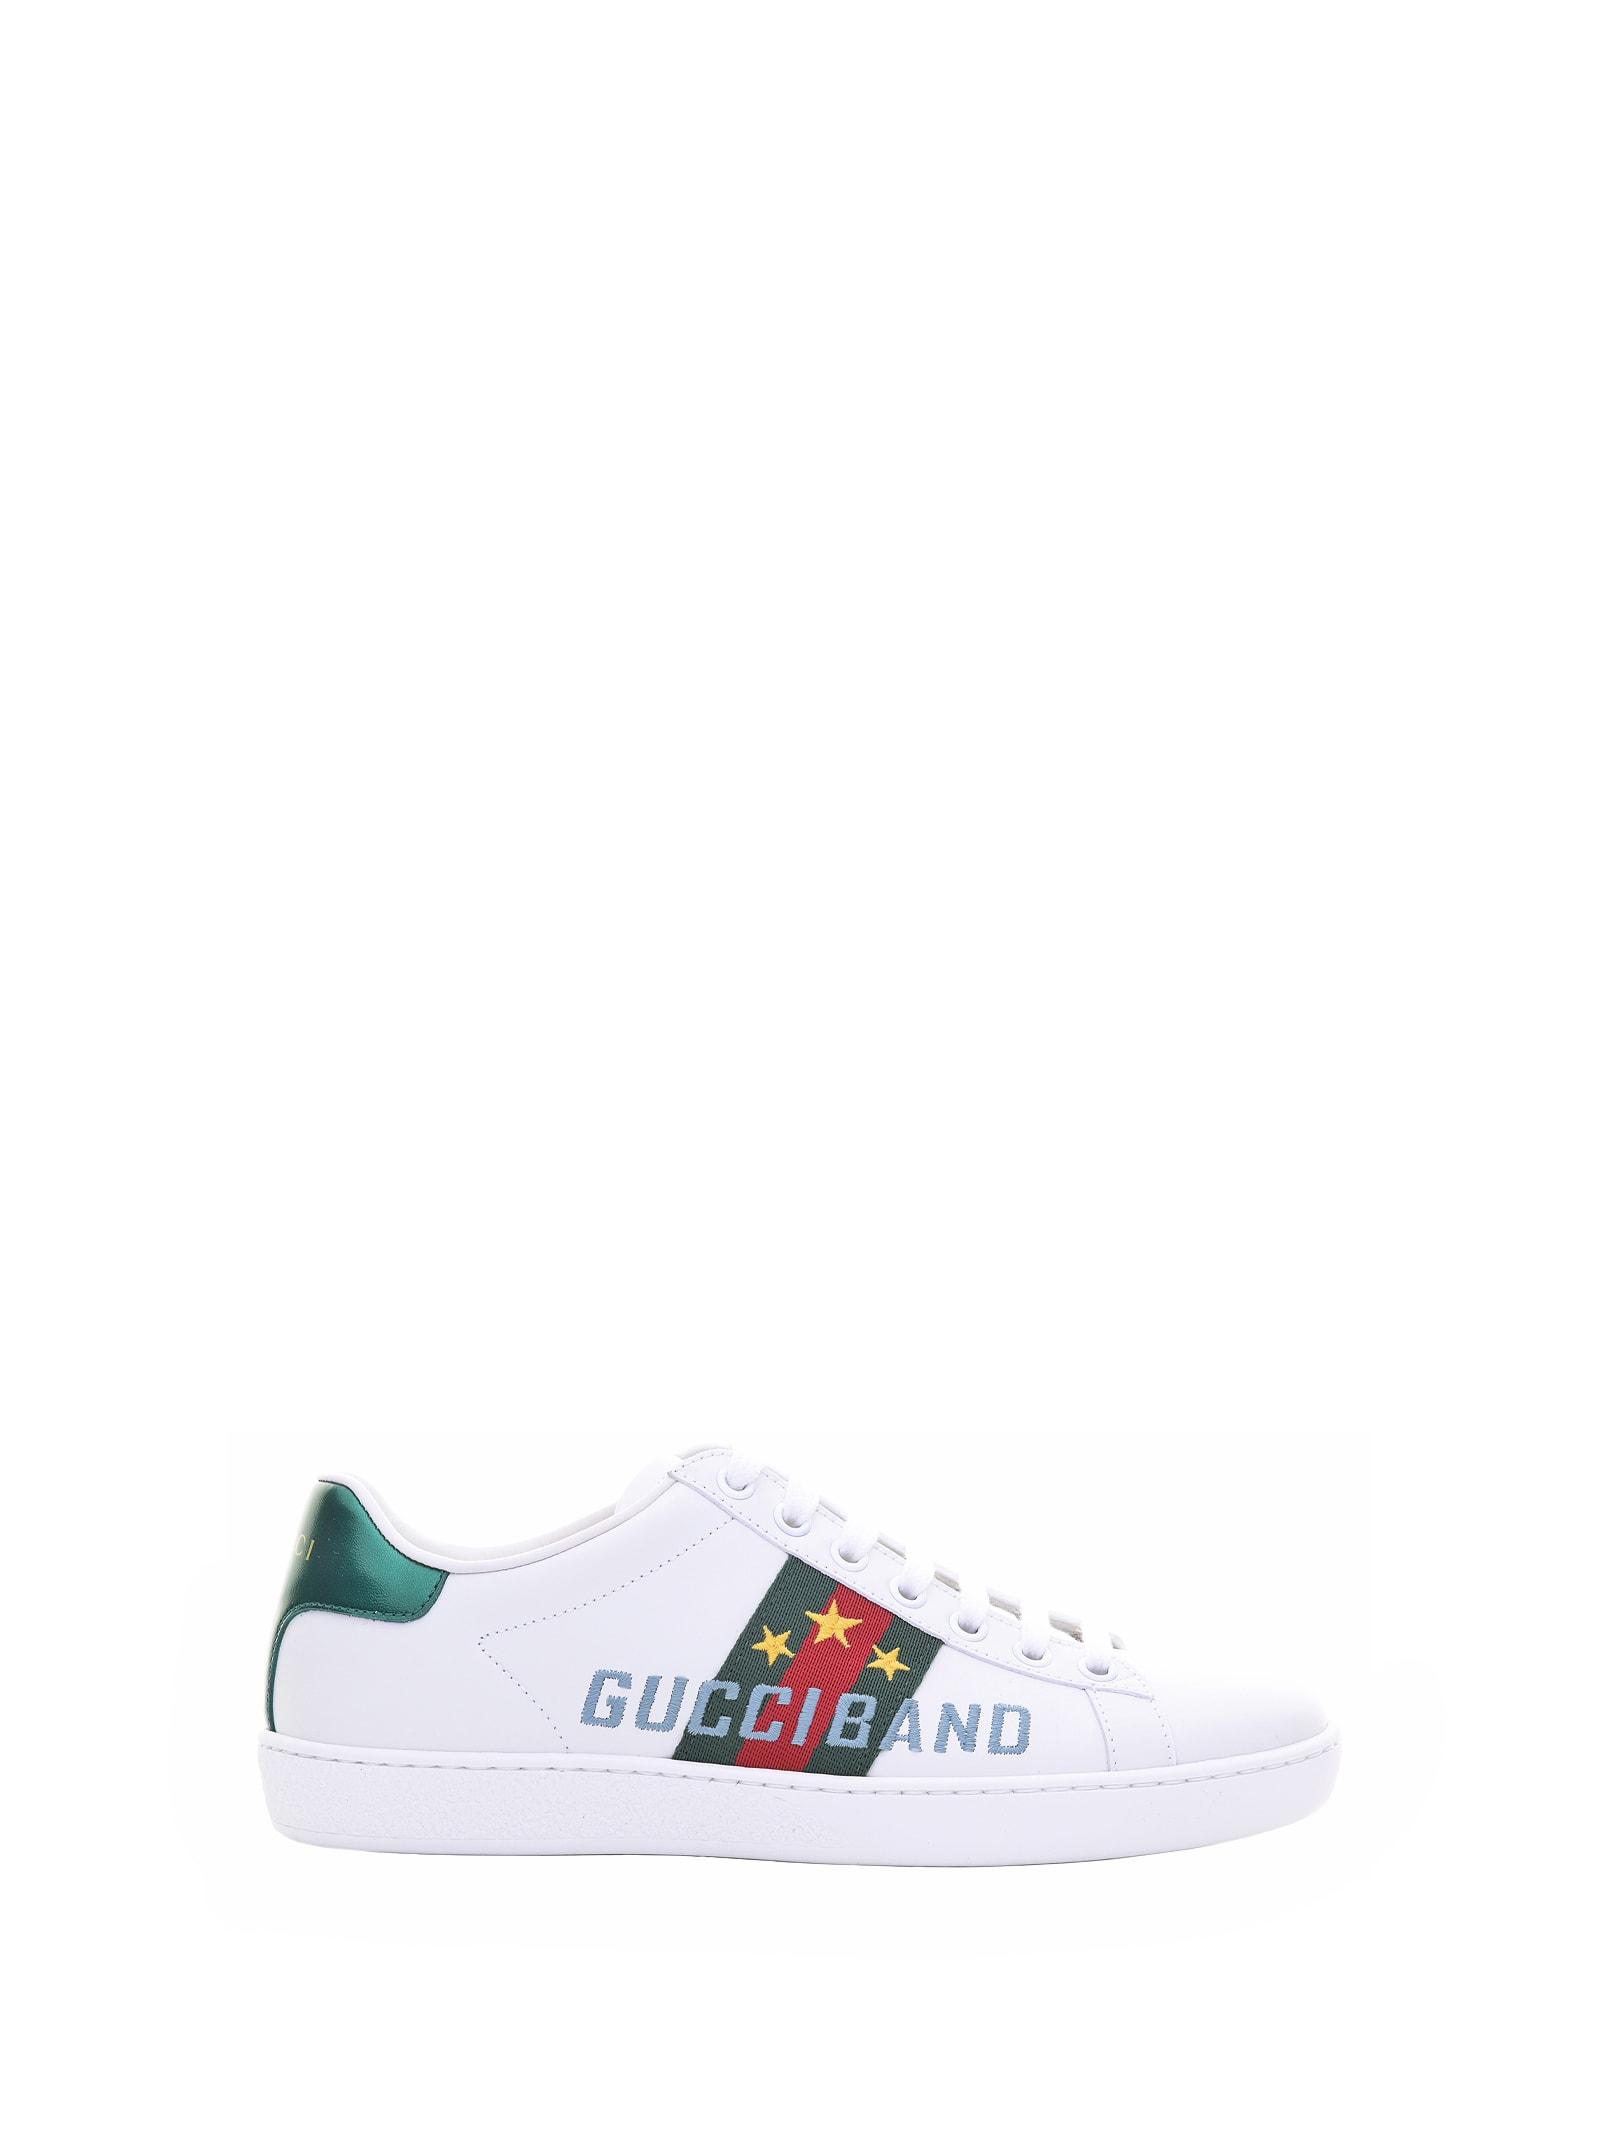 Gucci Gucci Bad Ace Sneaker